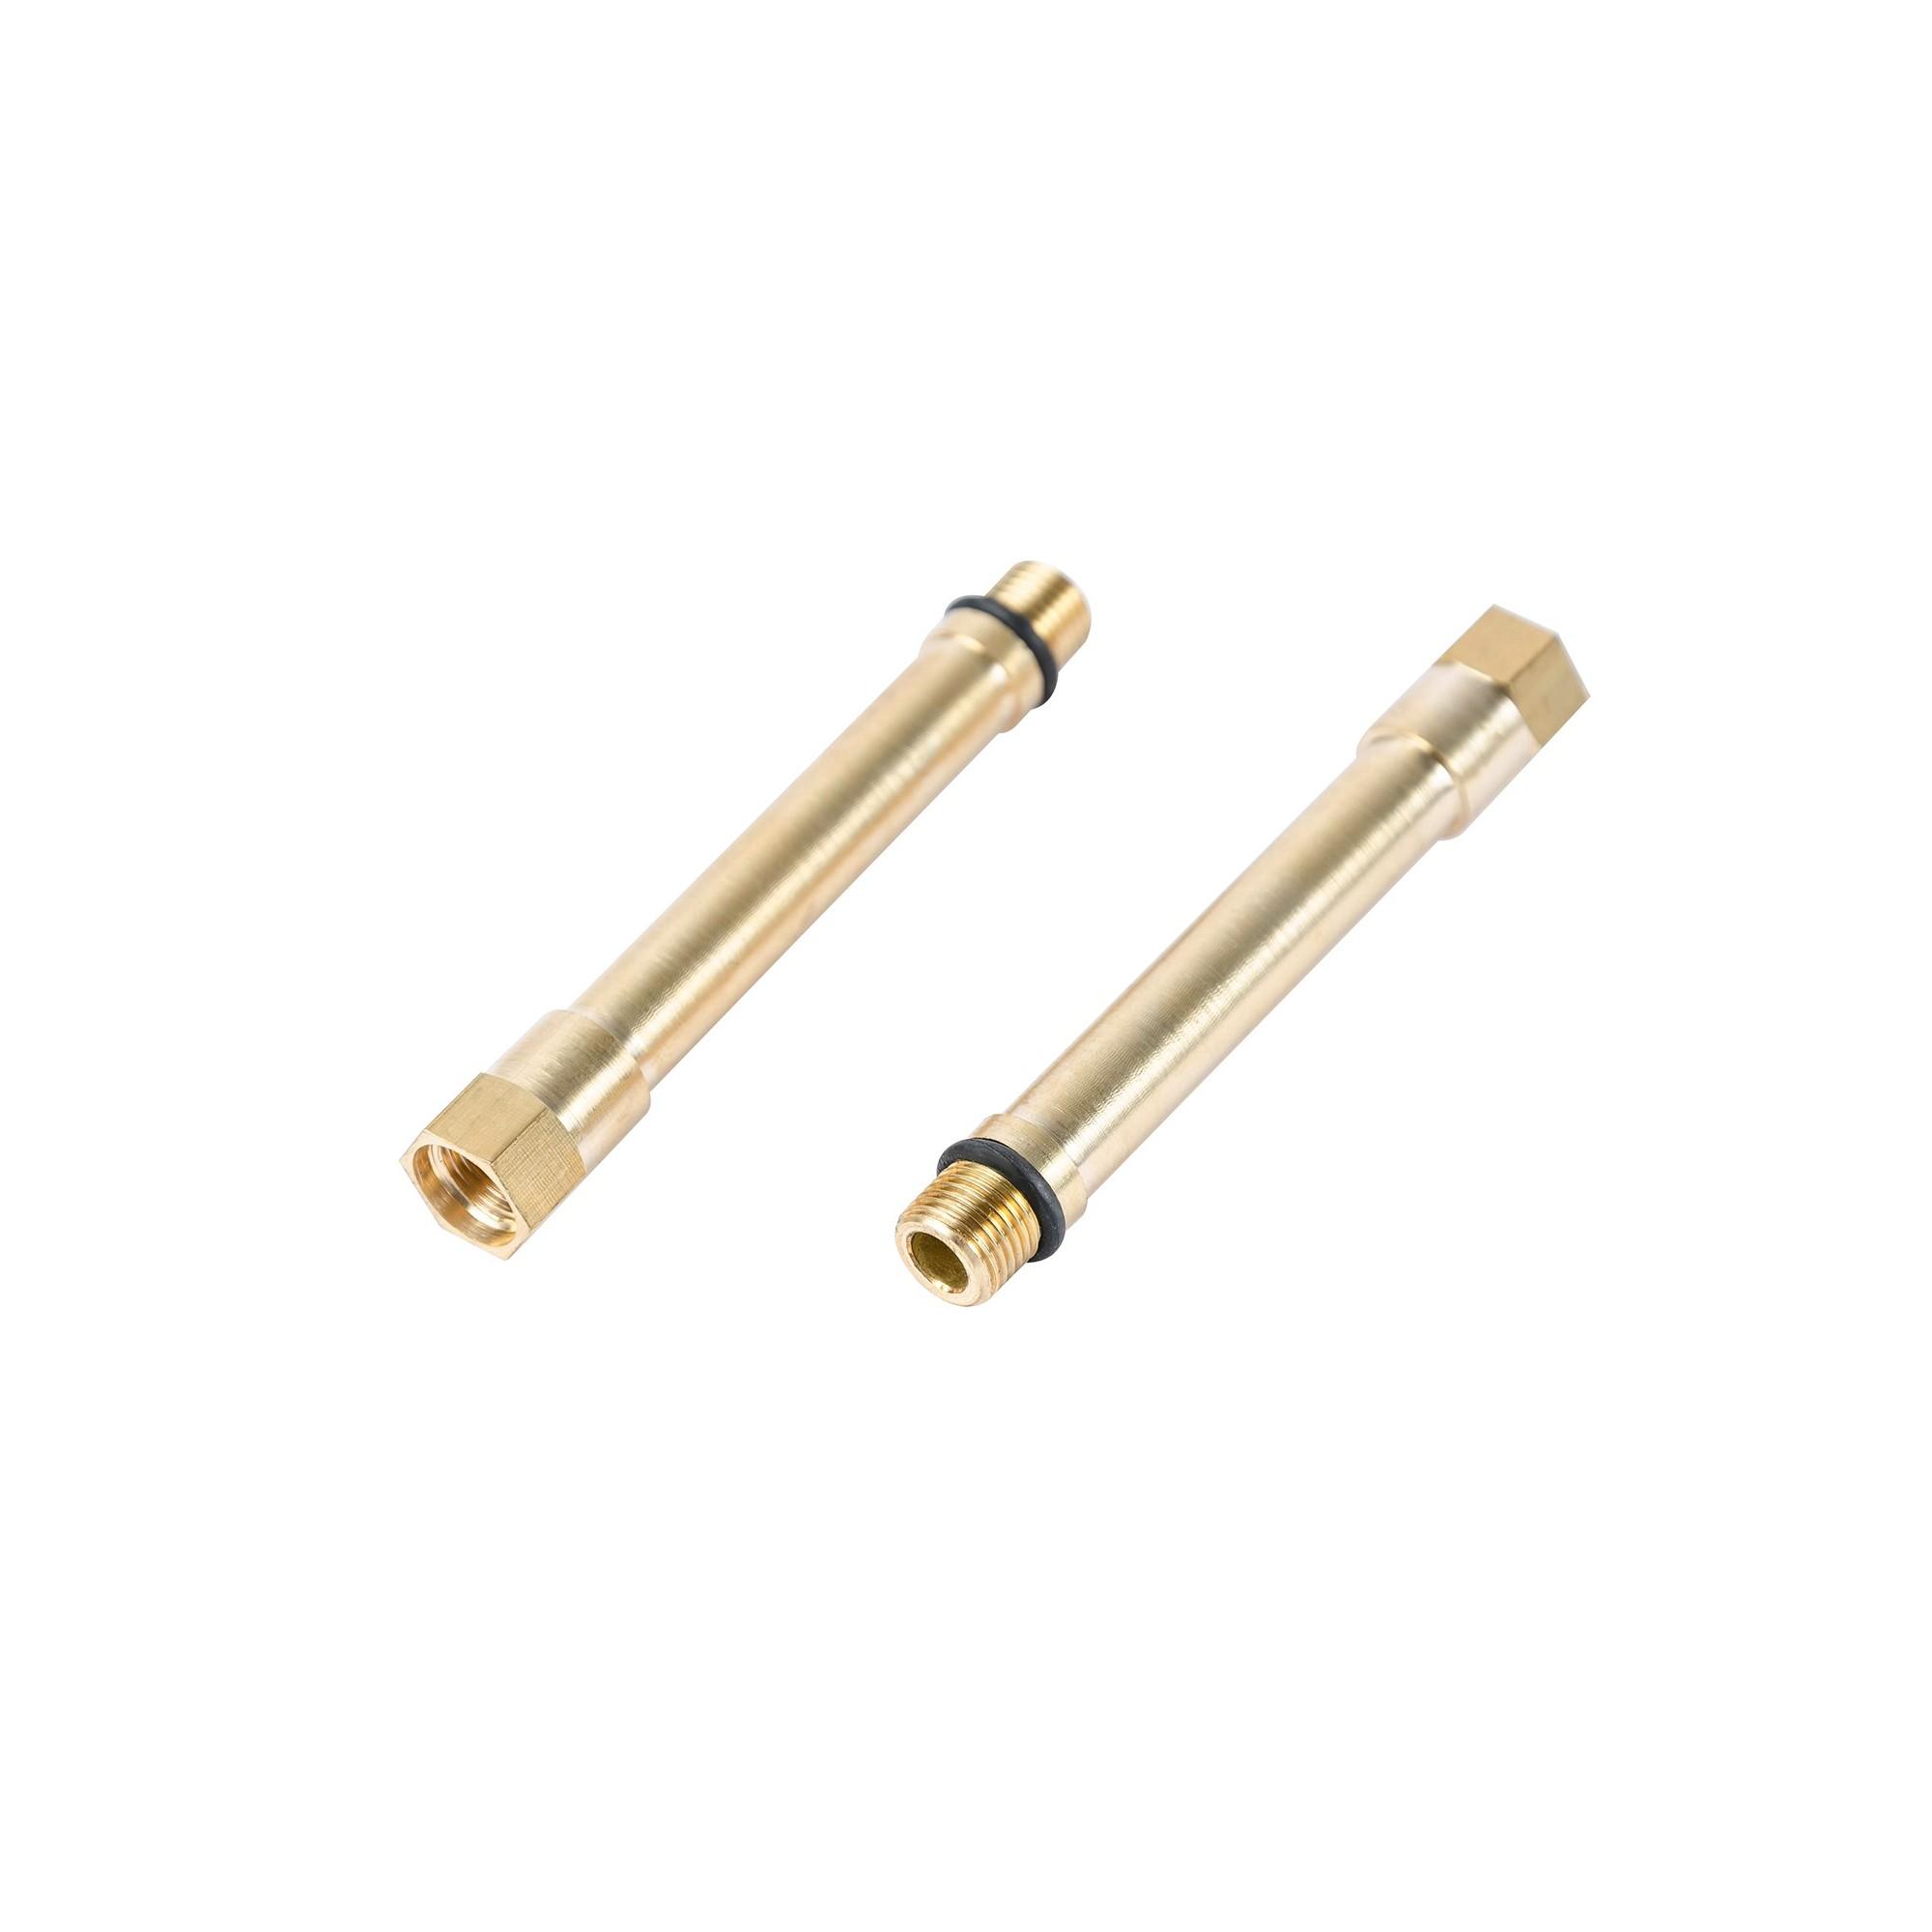 Удлинитель М10 на М10 латунь пара 82 мм J.G. - 1